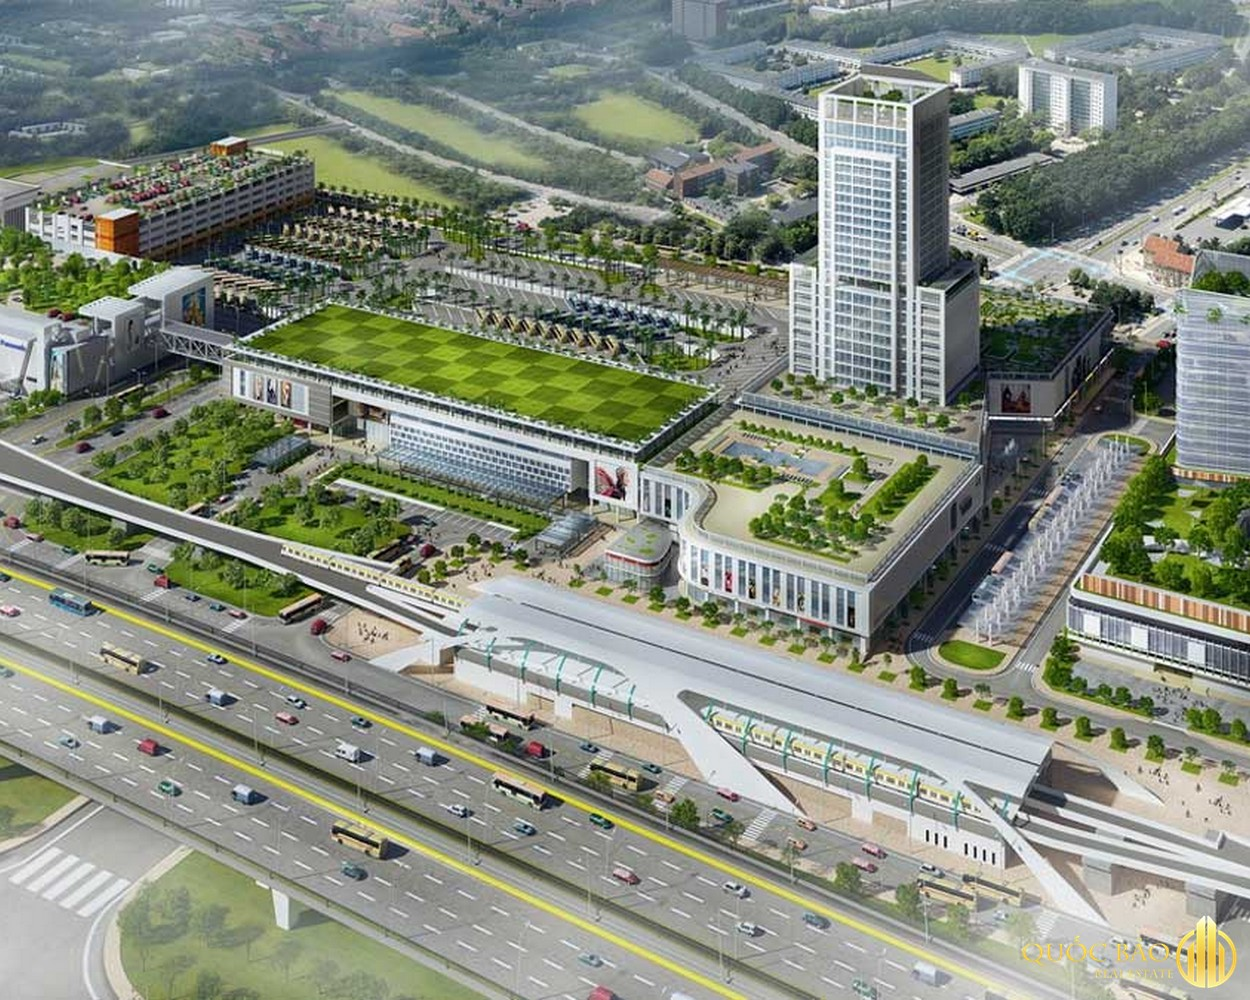 Phối cảnh bến xe Miền Đông mới - Quy hoạch đường Thống Nhất